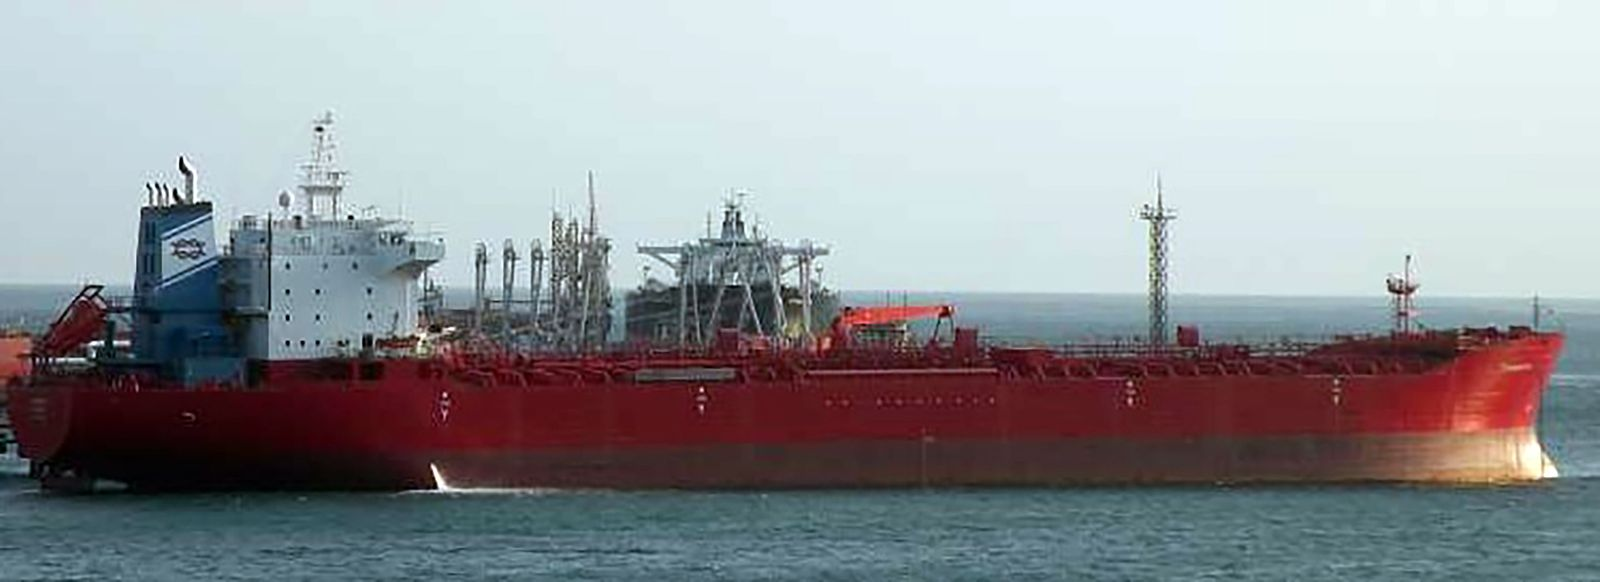 US seizes Iranian petrol destined for Venezuela: report